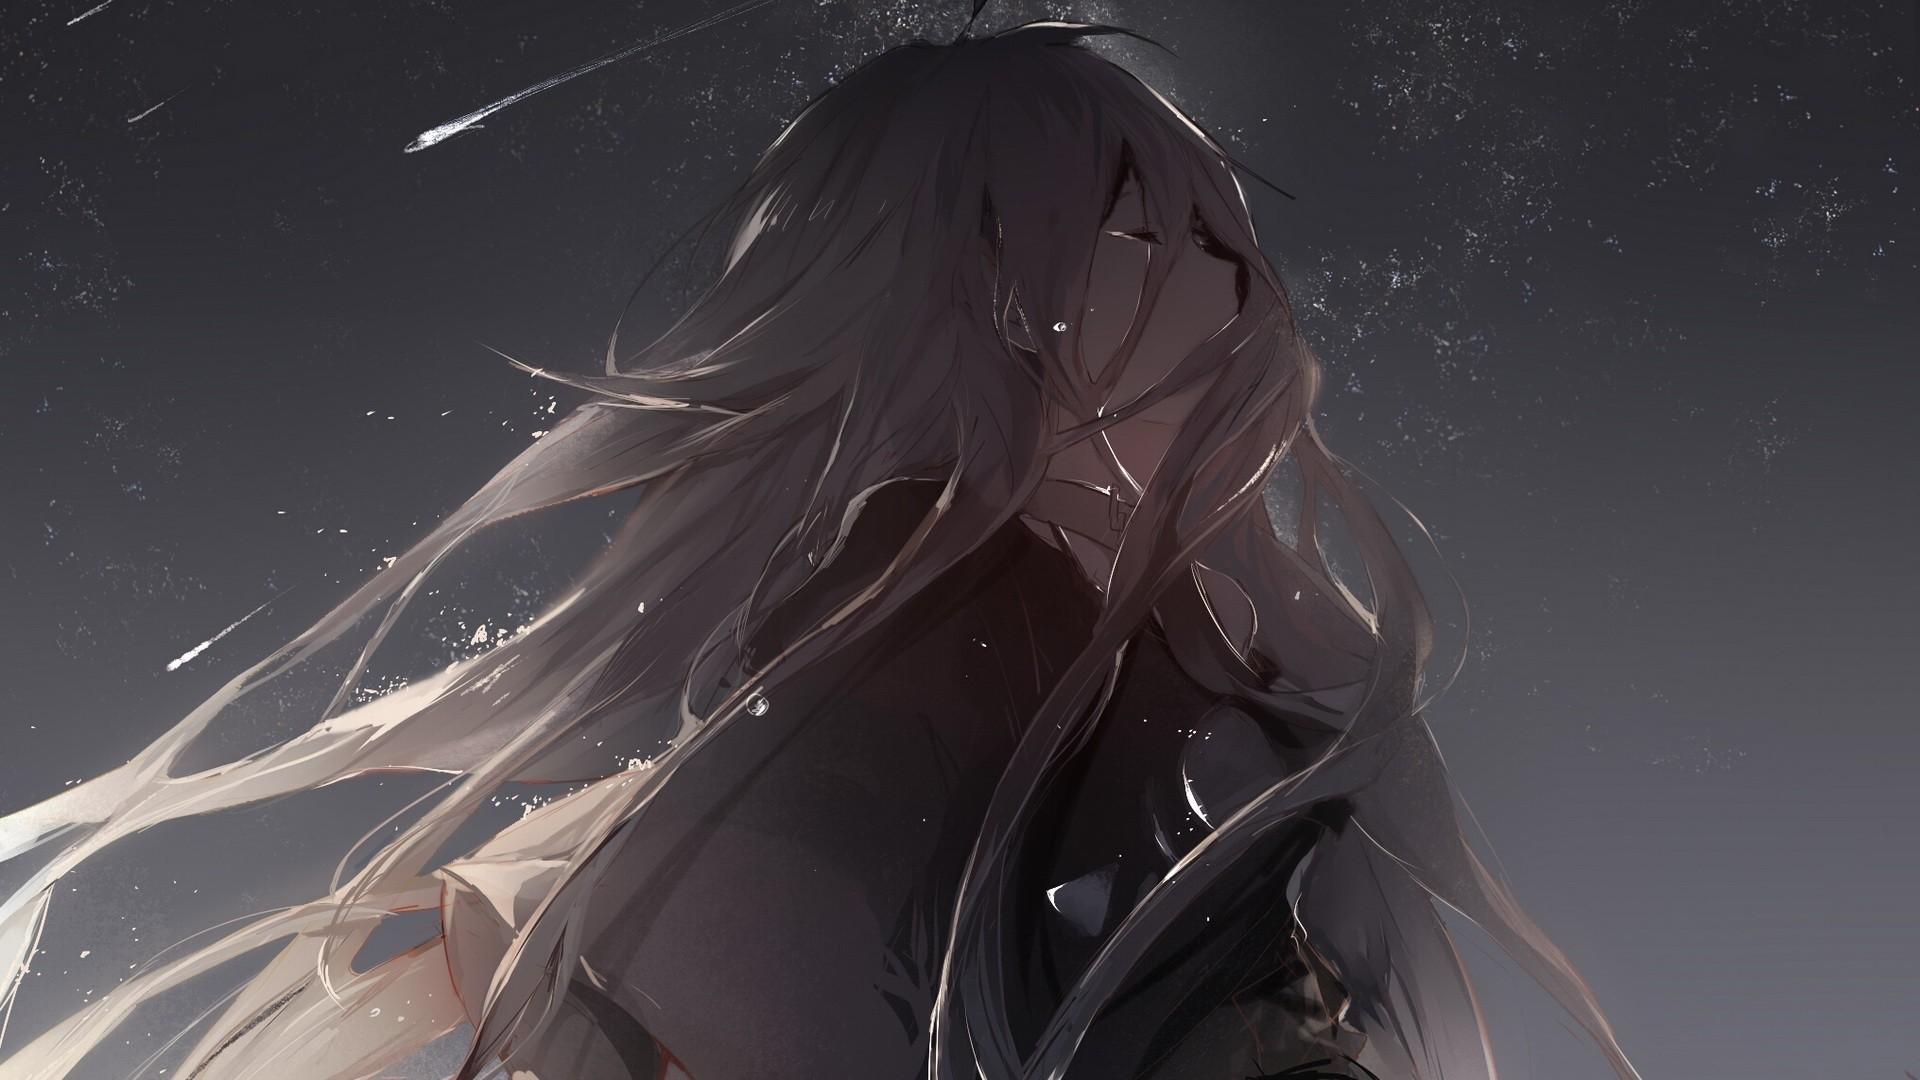 Ảnh Anime buồn cô đơn